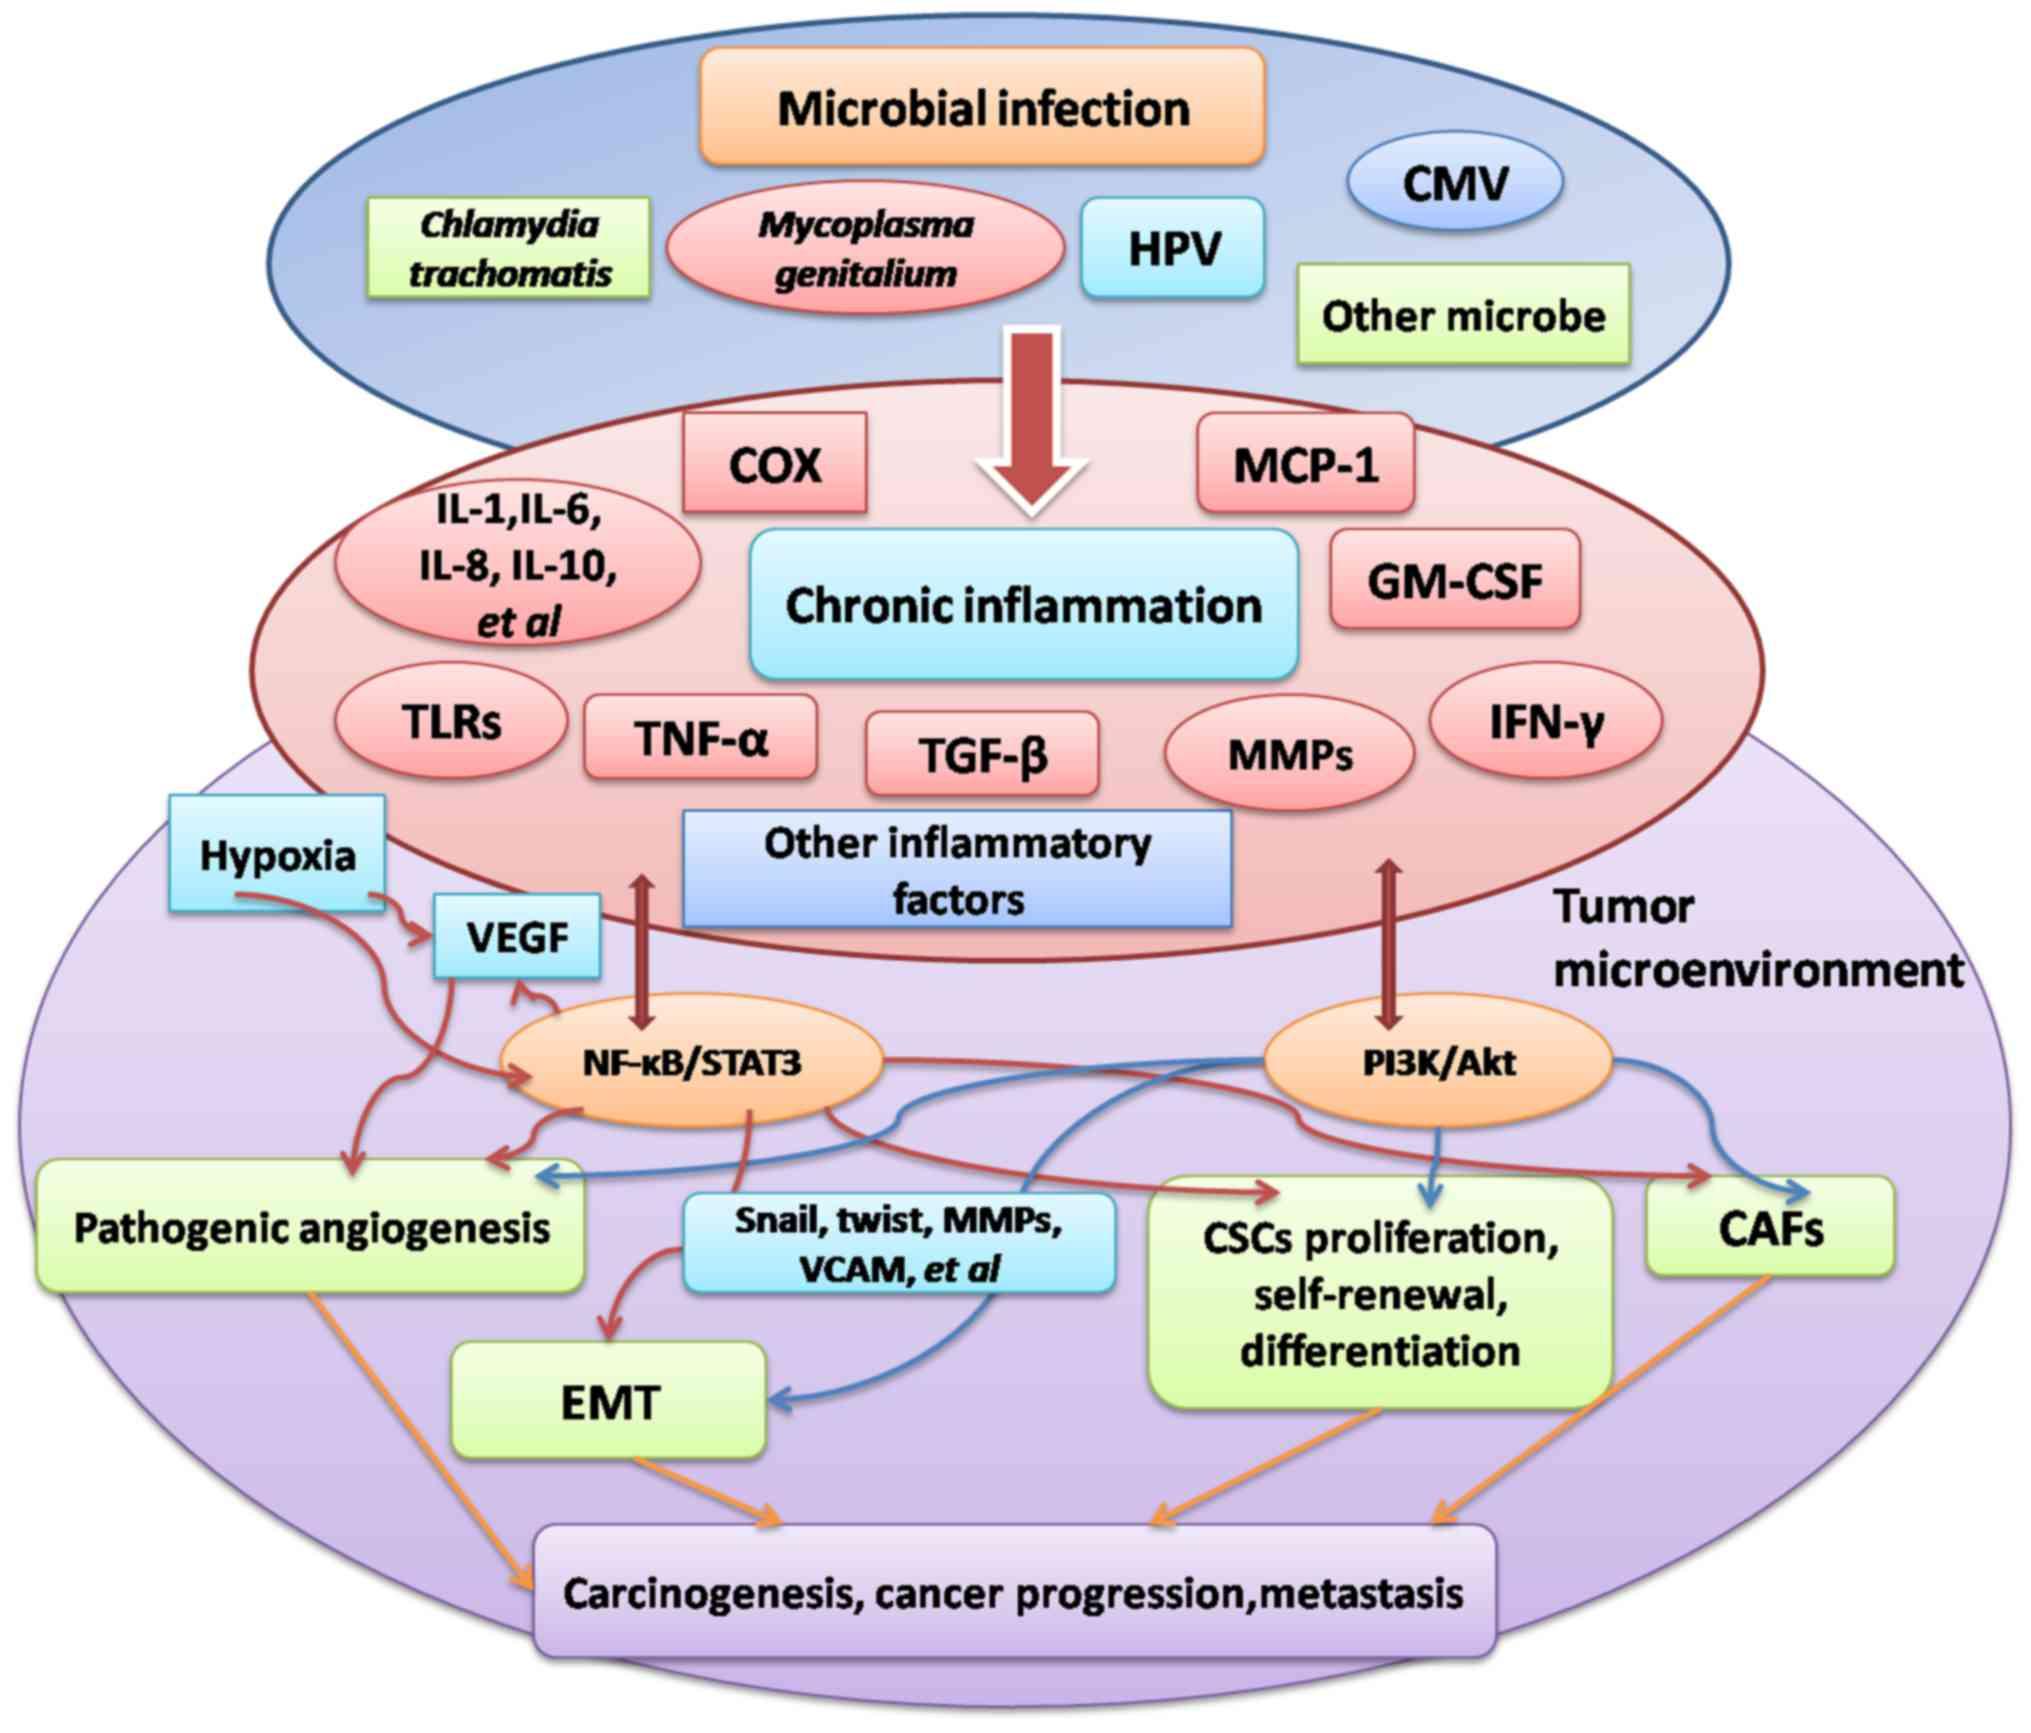 hpv ovarian cancer)